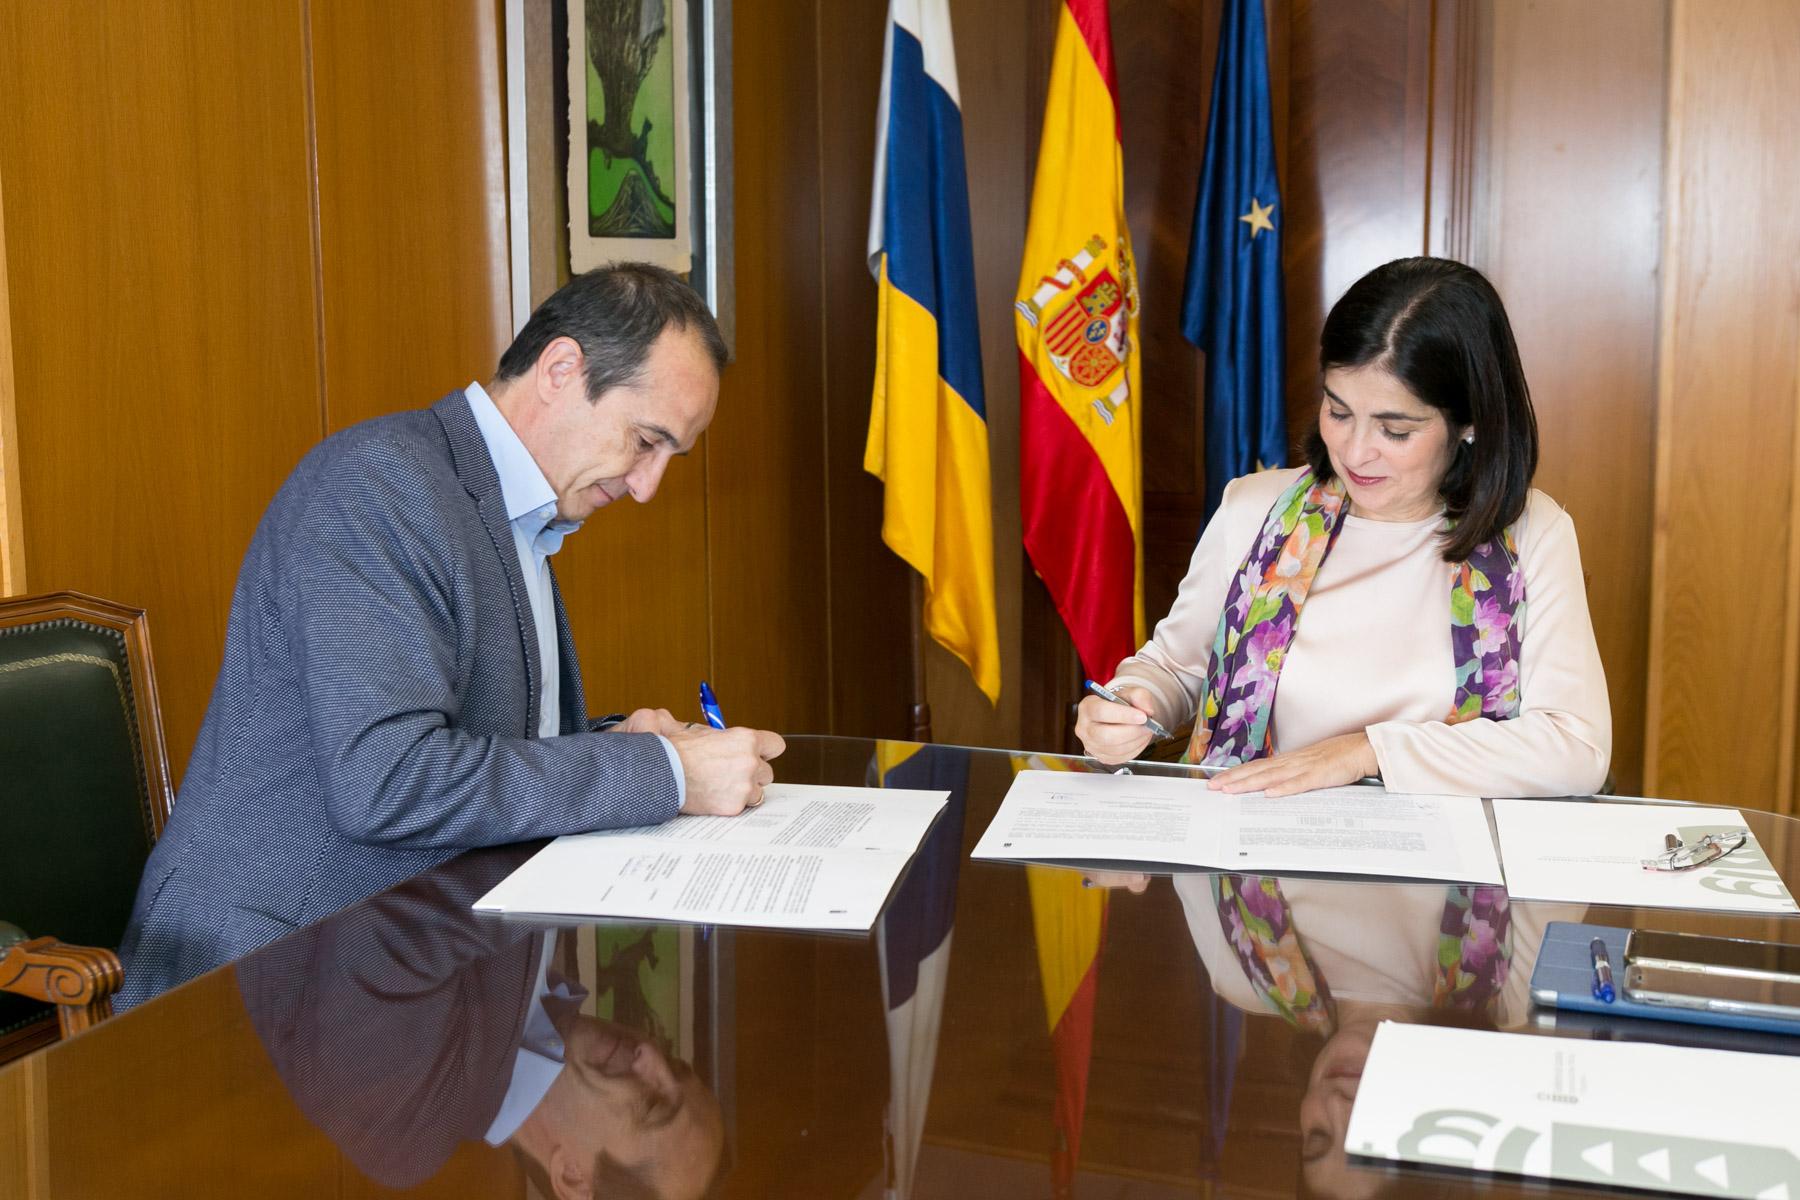 Obras Públicas firma el contrato para la ejecución de las obras del cierre del Anillo Insular de Tenerife